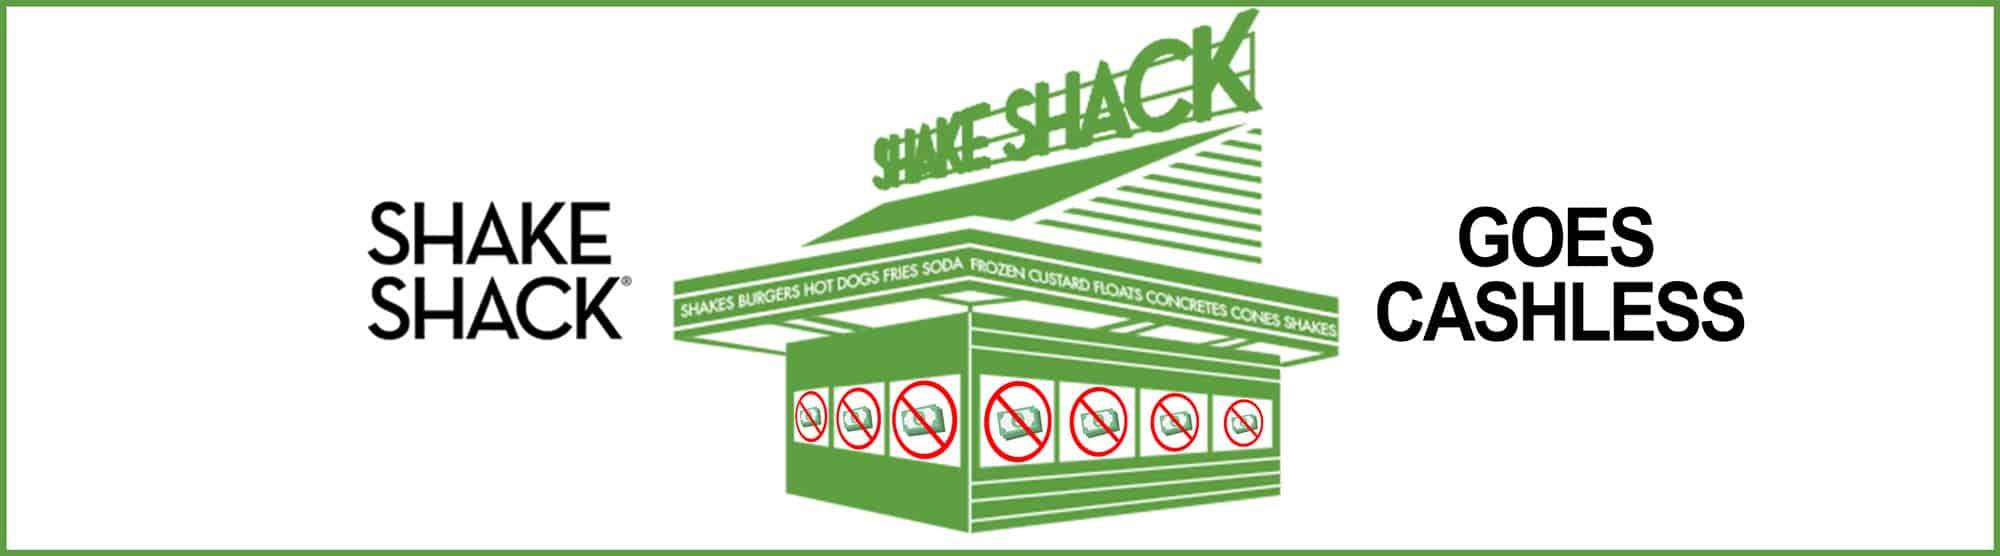 Shakeshack goes Cashless